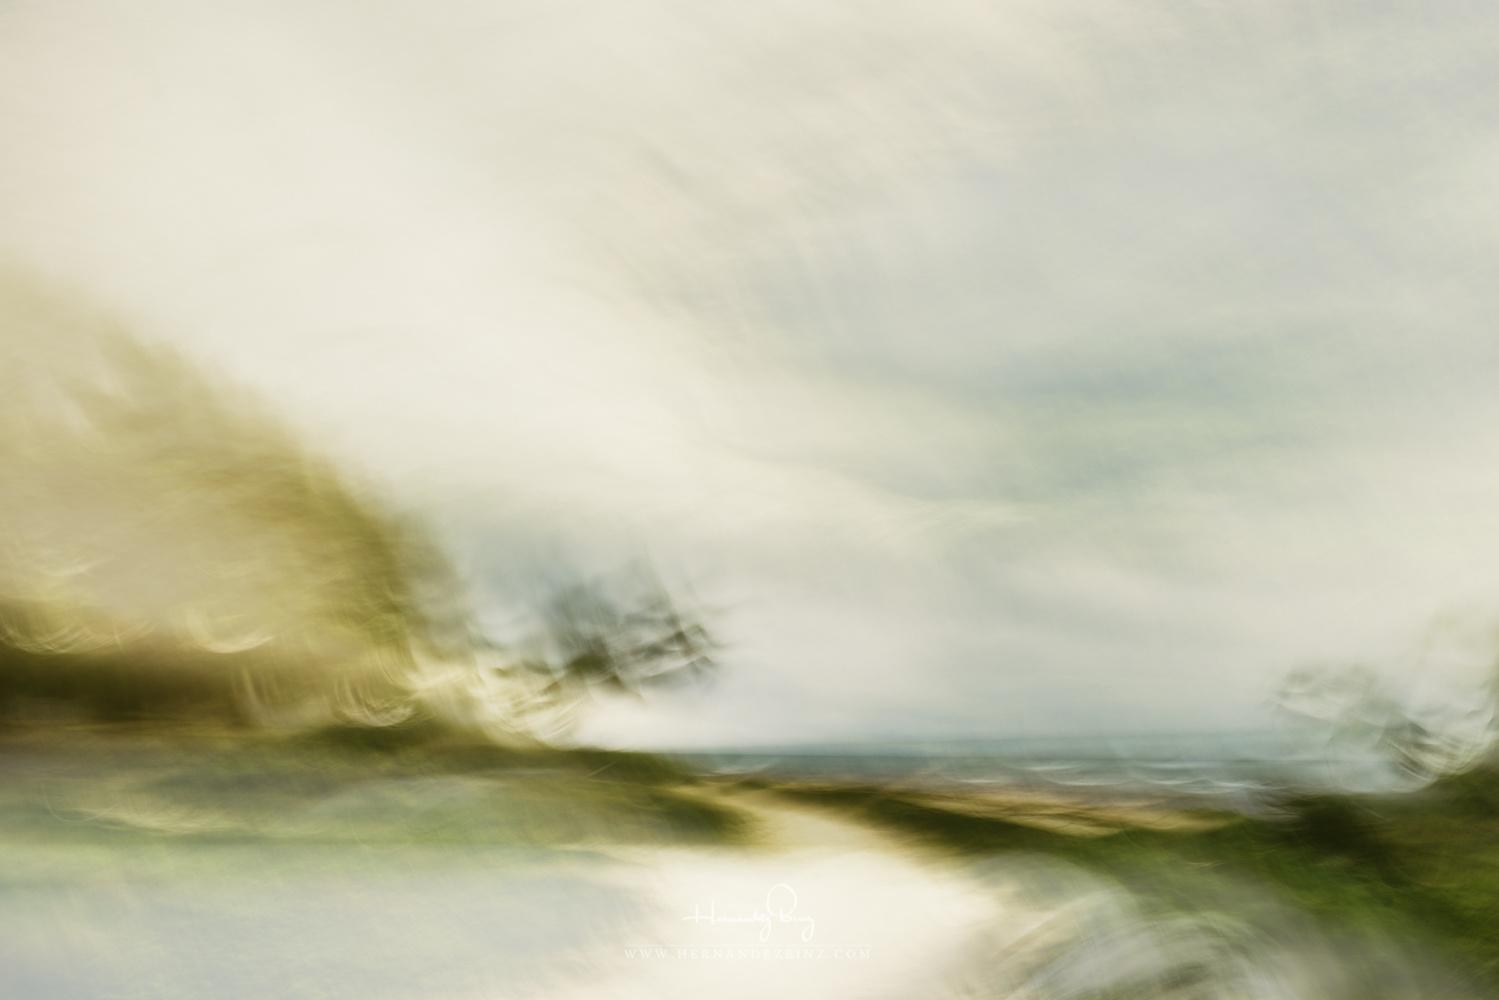 The Way to Zen by Adrian Hernandez Binz